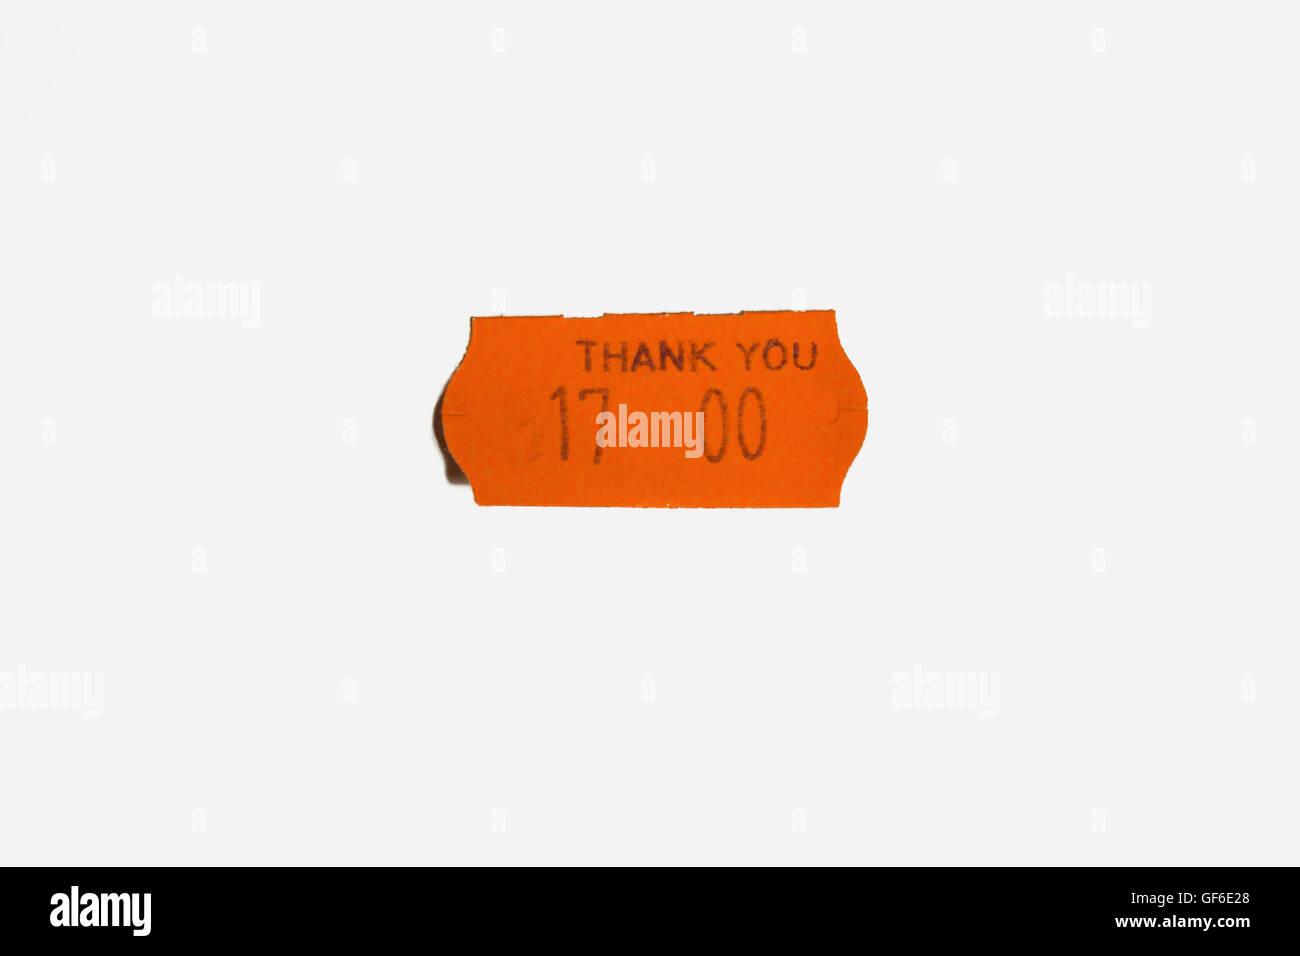 Orange sticker on a white background isolated - Stock Image